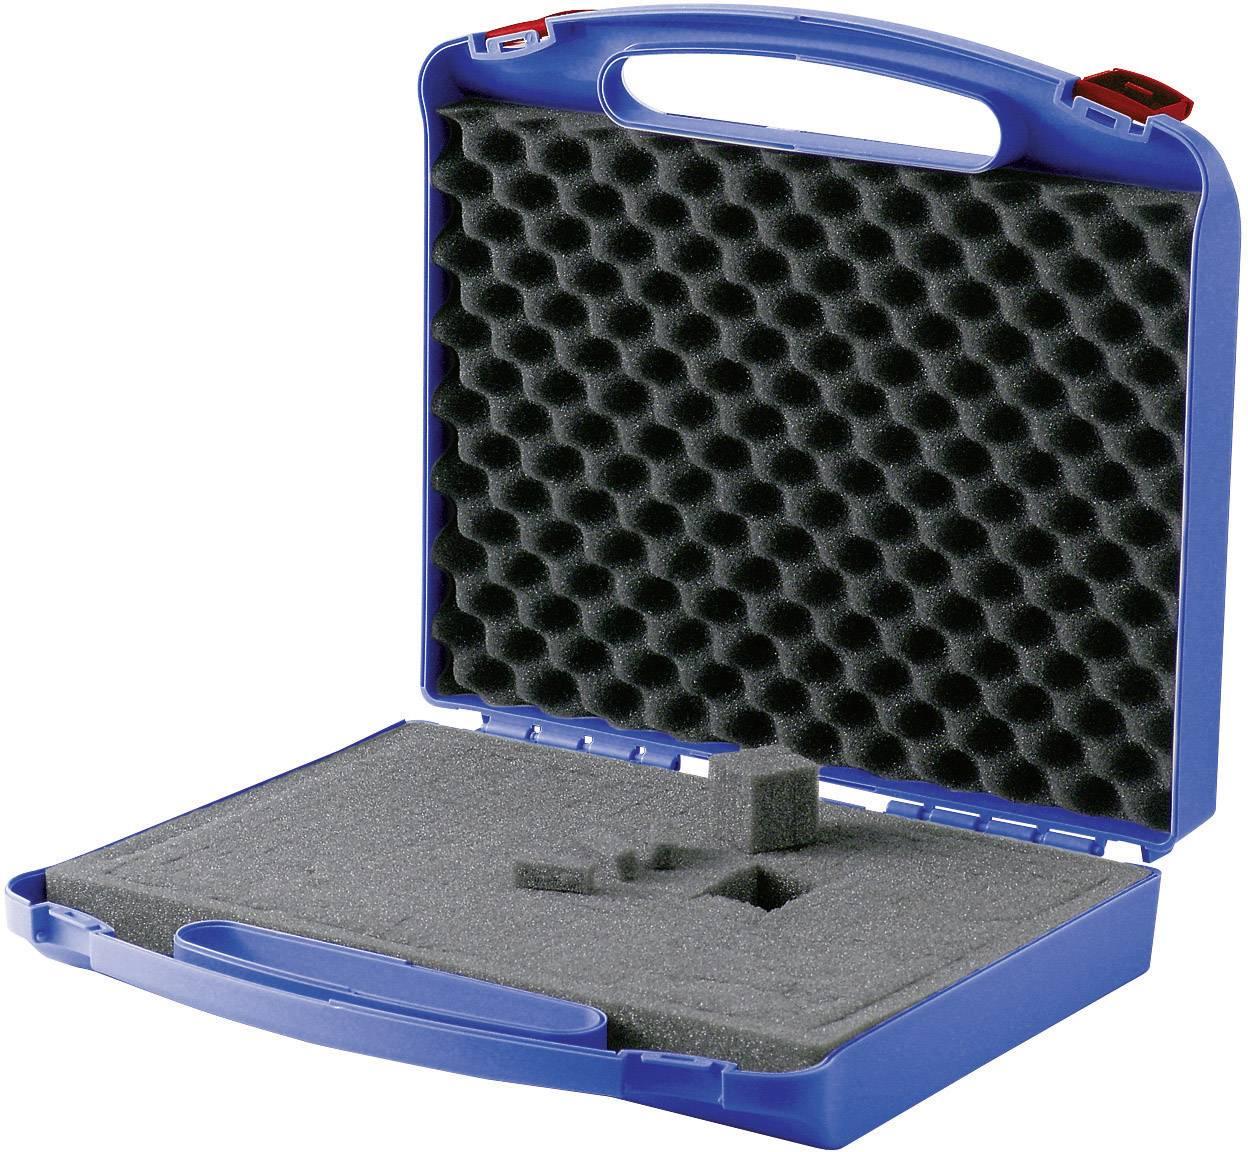 Kufrík na náradie Licefa 821406, (š x v x h) 340 x 310 x 80 mm